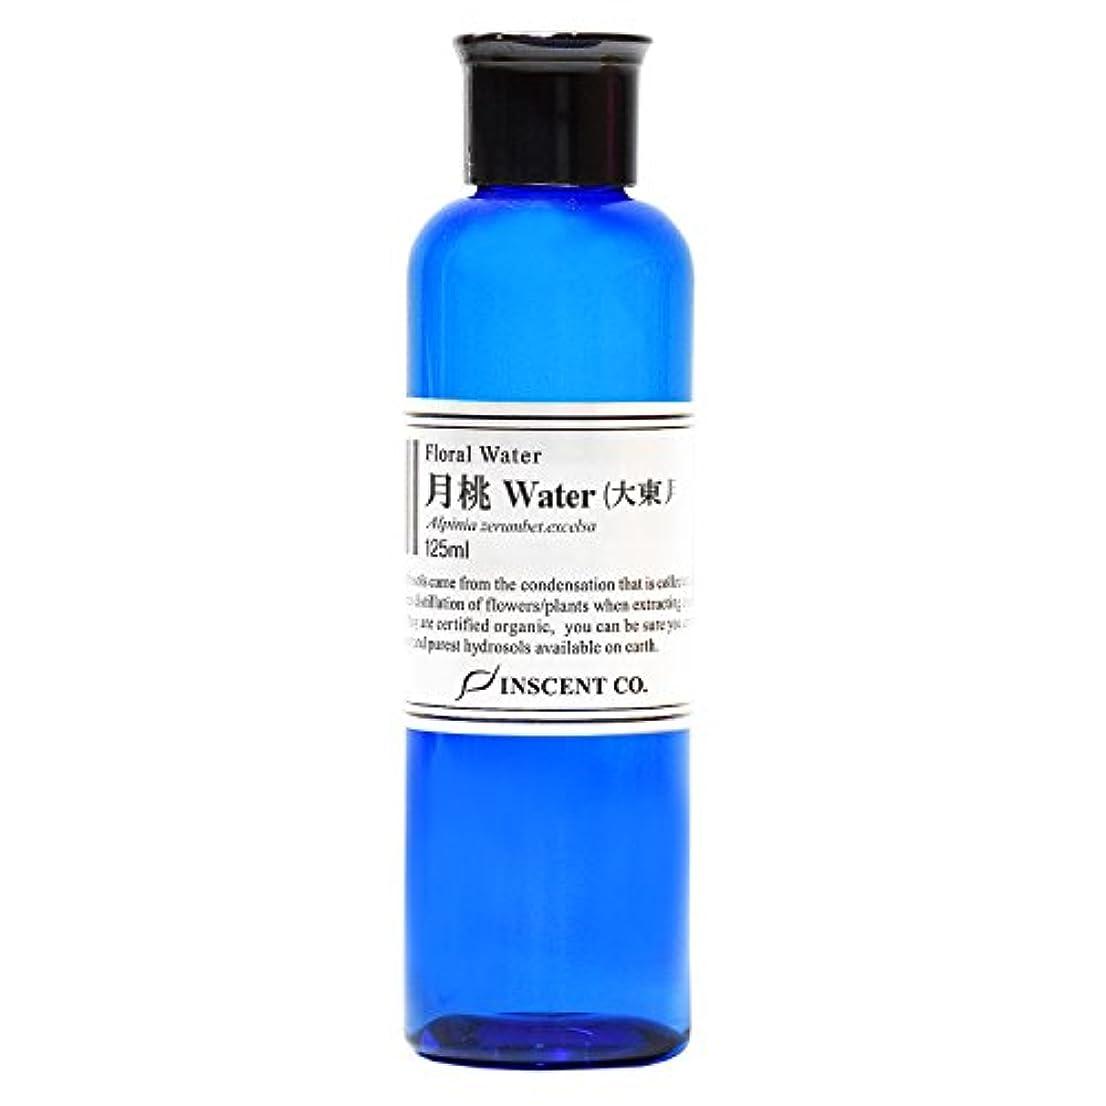 公平海軍一般的なフローラルウォーター 月桃 (げっとう) ウォーター (月桃水) 125ml (ハイドロゾル/芳香蒸留水) ※月桃独特の薬草が焦げたような香りがあります。